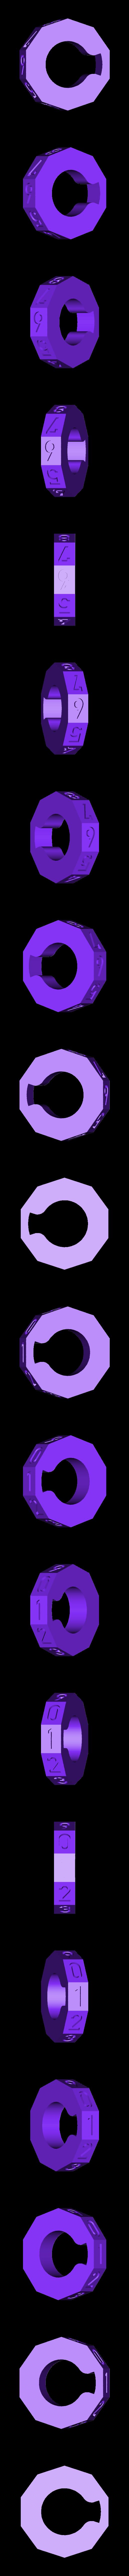 Wheel1.stl Télécharger fichier STL gratuit Kit de verrouillage de permutation personnalisable (verrouillage à combinaison) • Objet pour impression 3D, plasticpasta